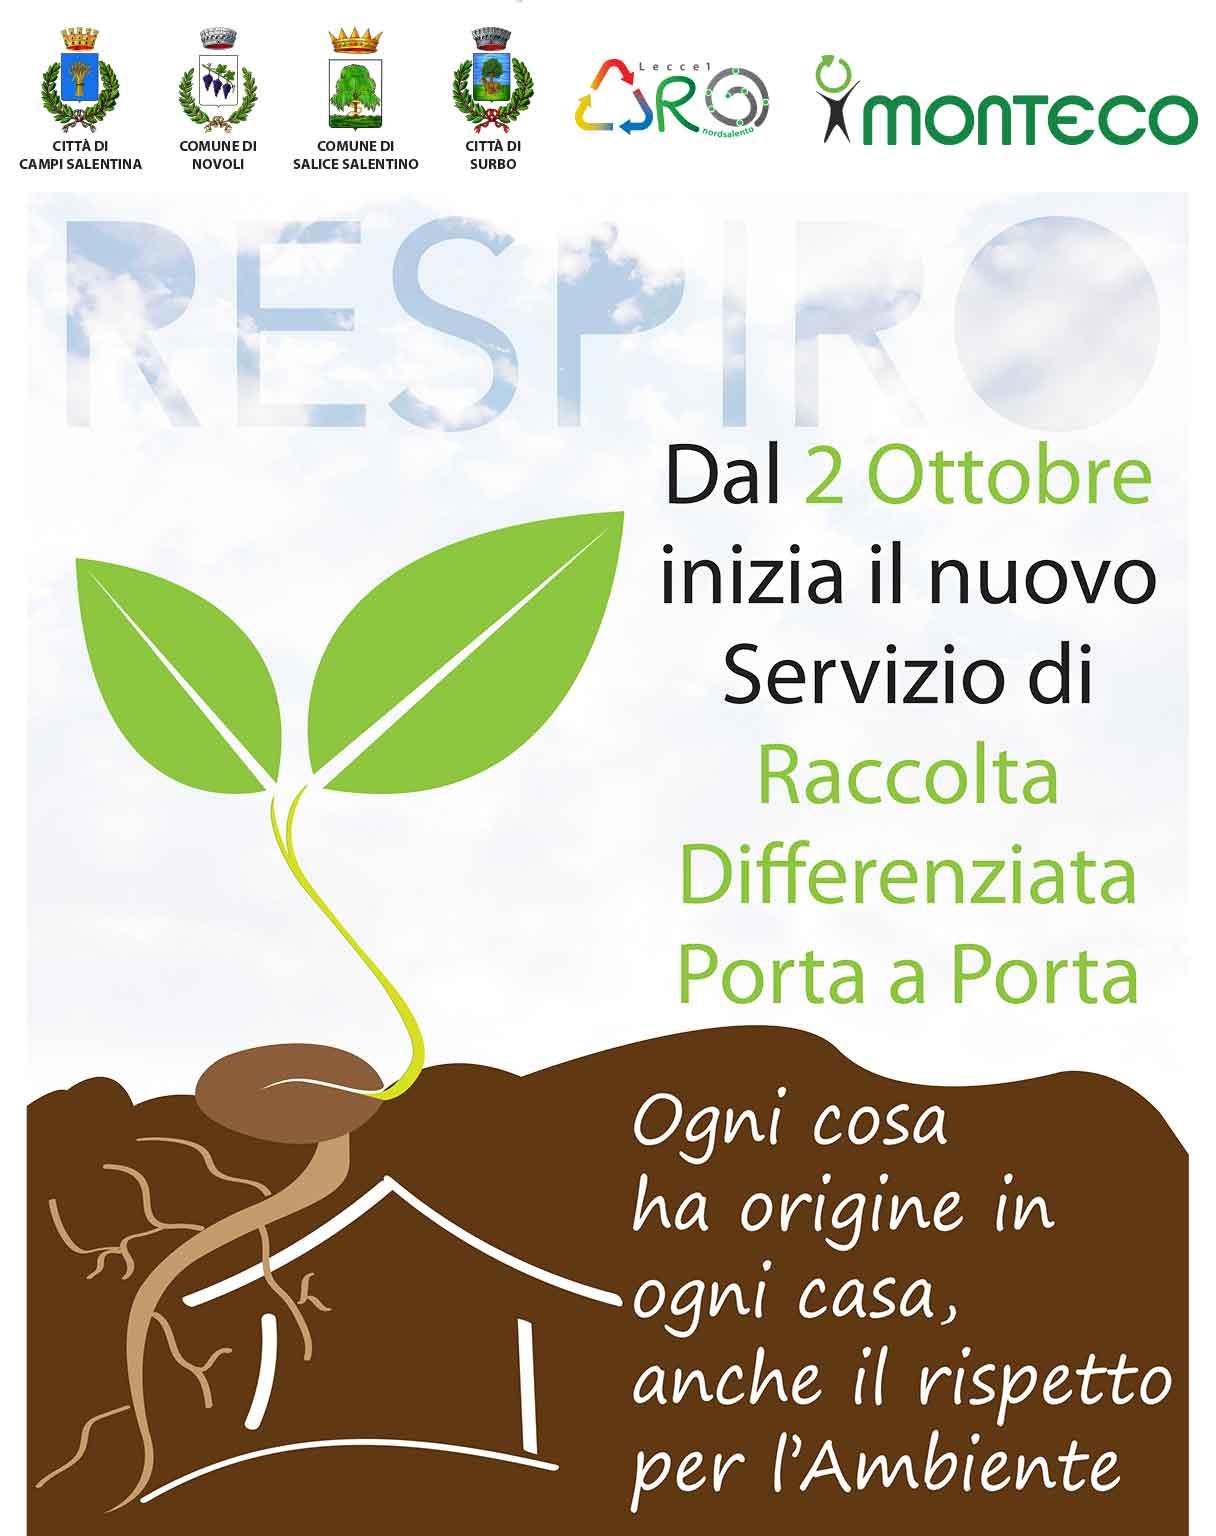 2 ottobre: Nuovo Servizio di Raccolta Differenziata Porta a Porta a Campi, Novoli, Salice e Surbo